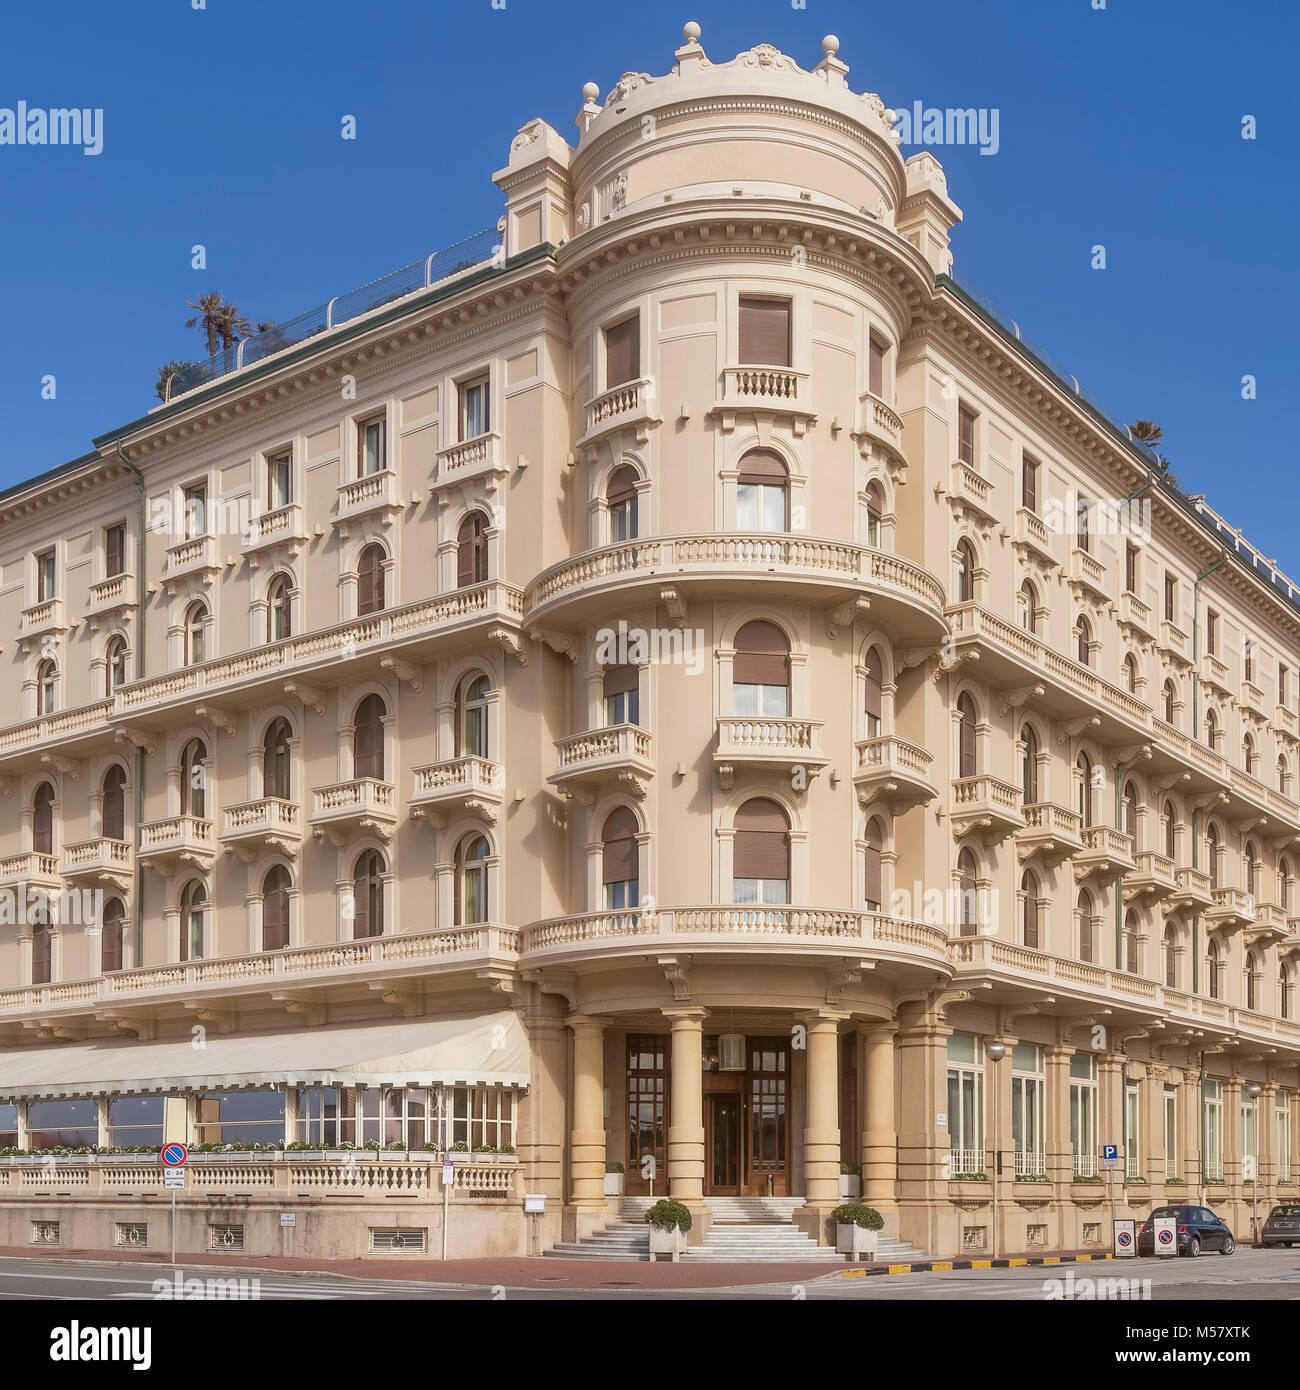 Edificio in stile liberty in Viareggio e Lucca, Toscana, Italia Immagini Stock